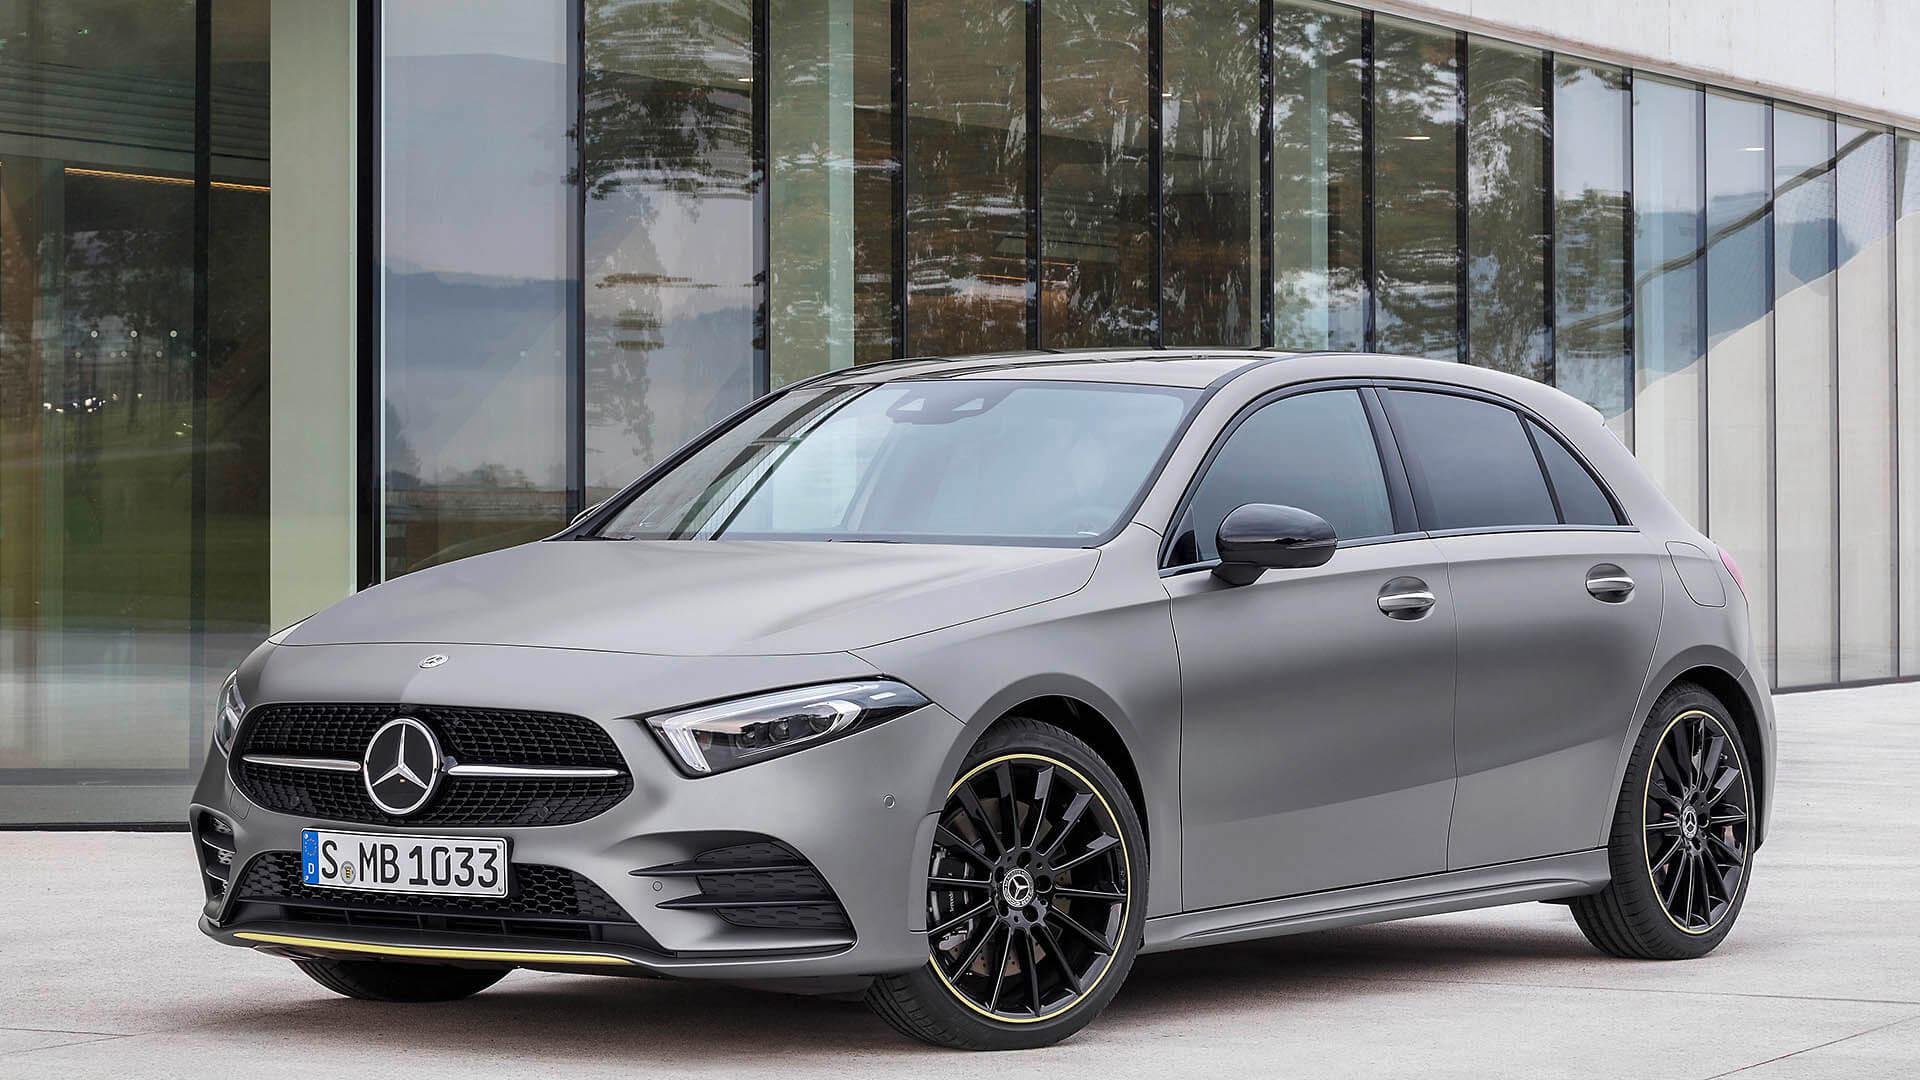 Alles, was Sie über die Mercedes Benz A-Klasse wissen müssen